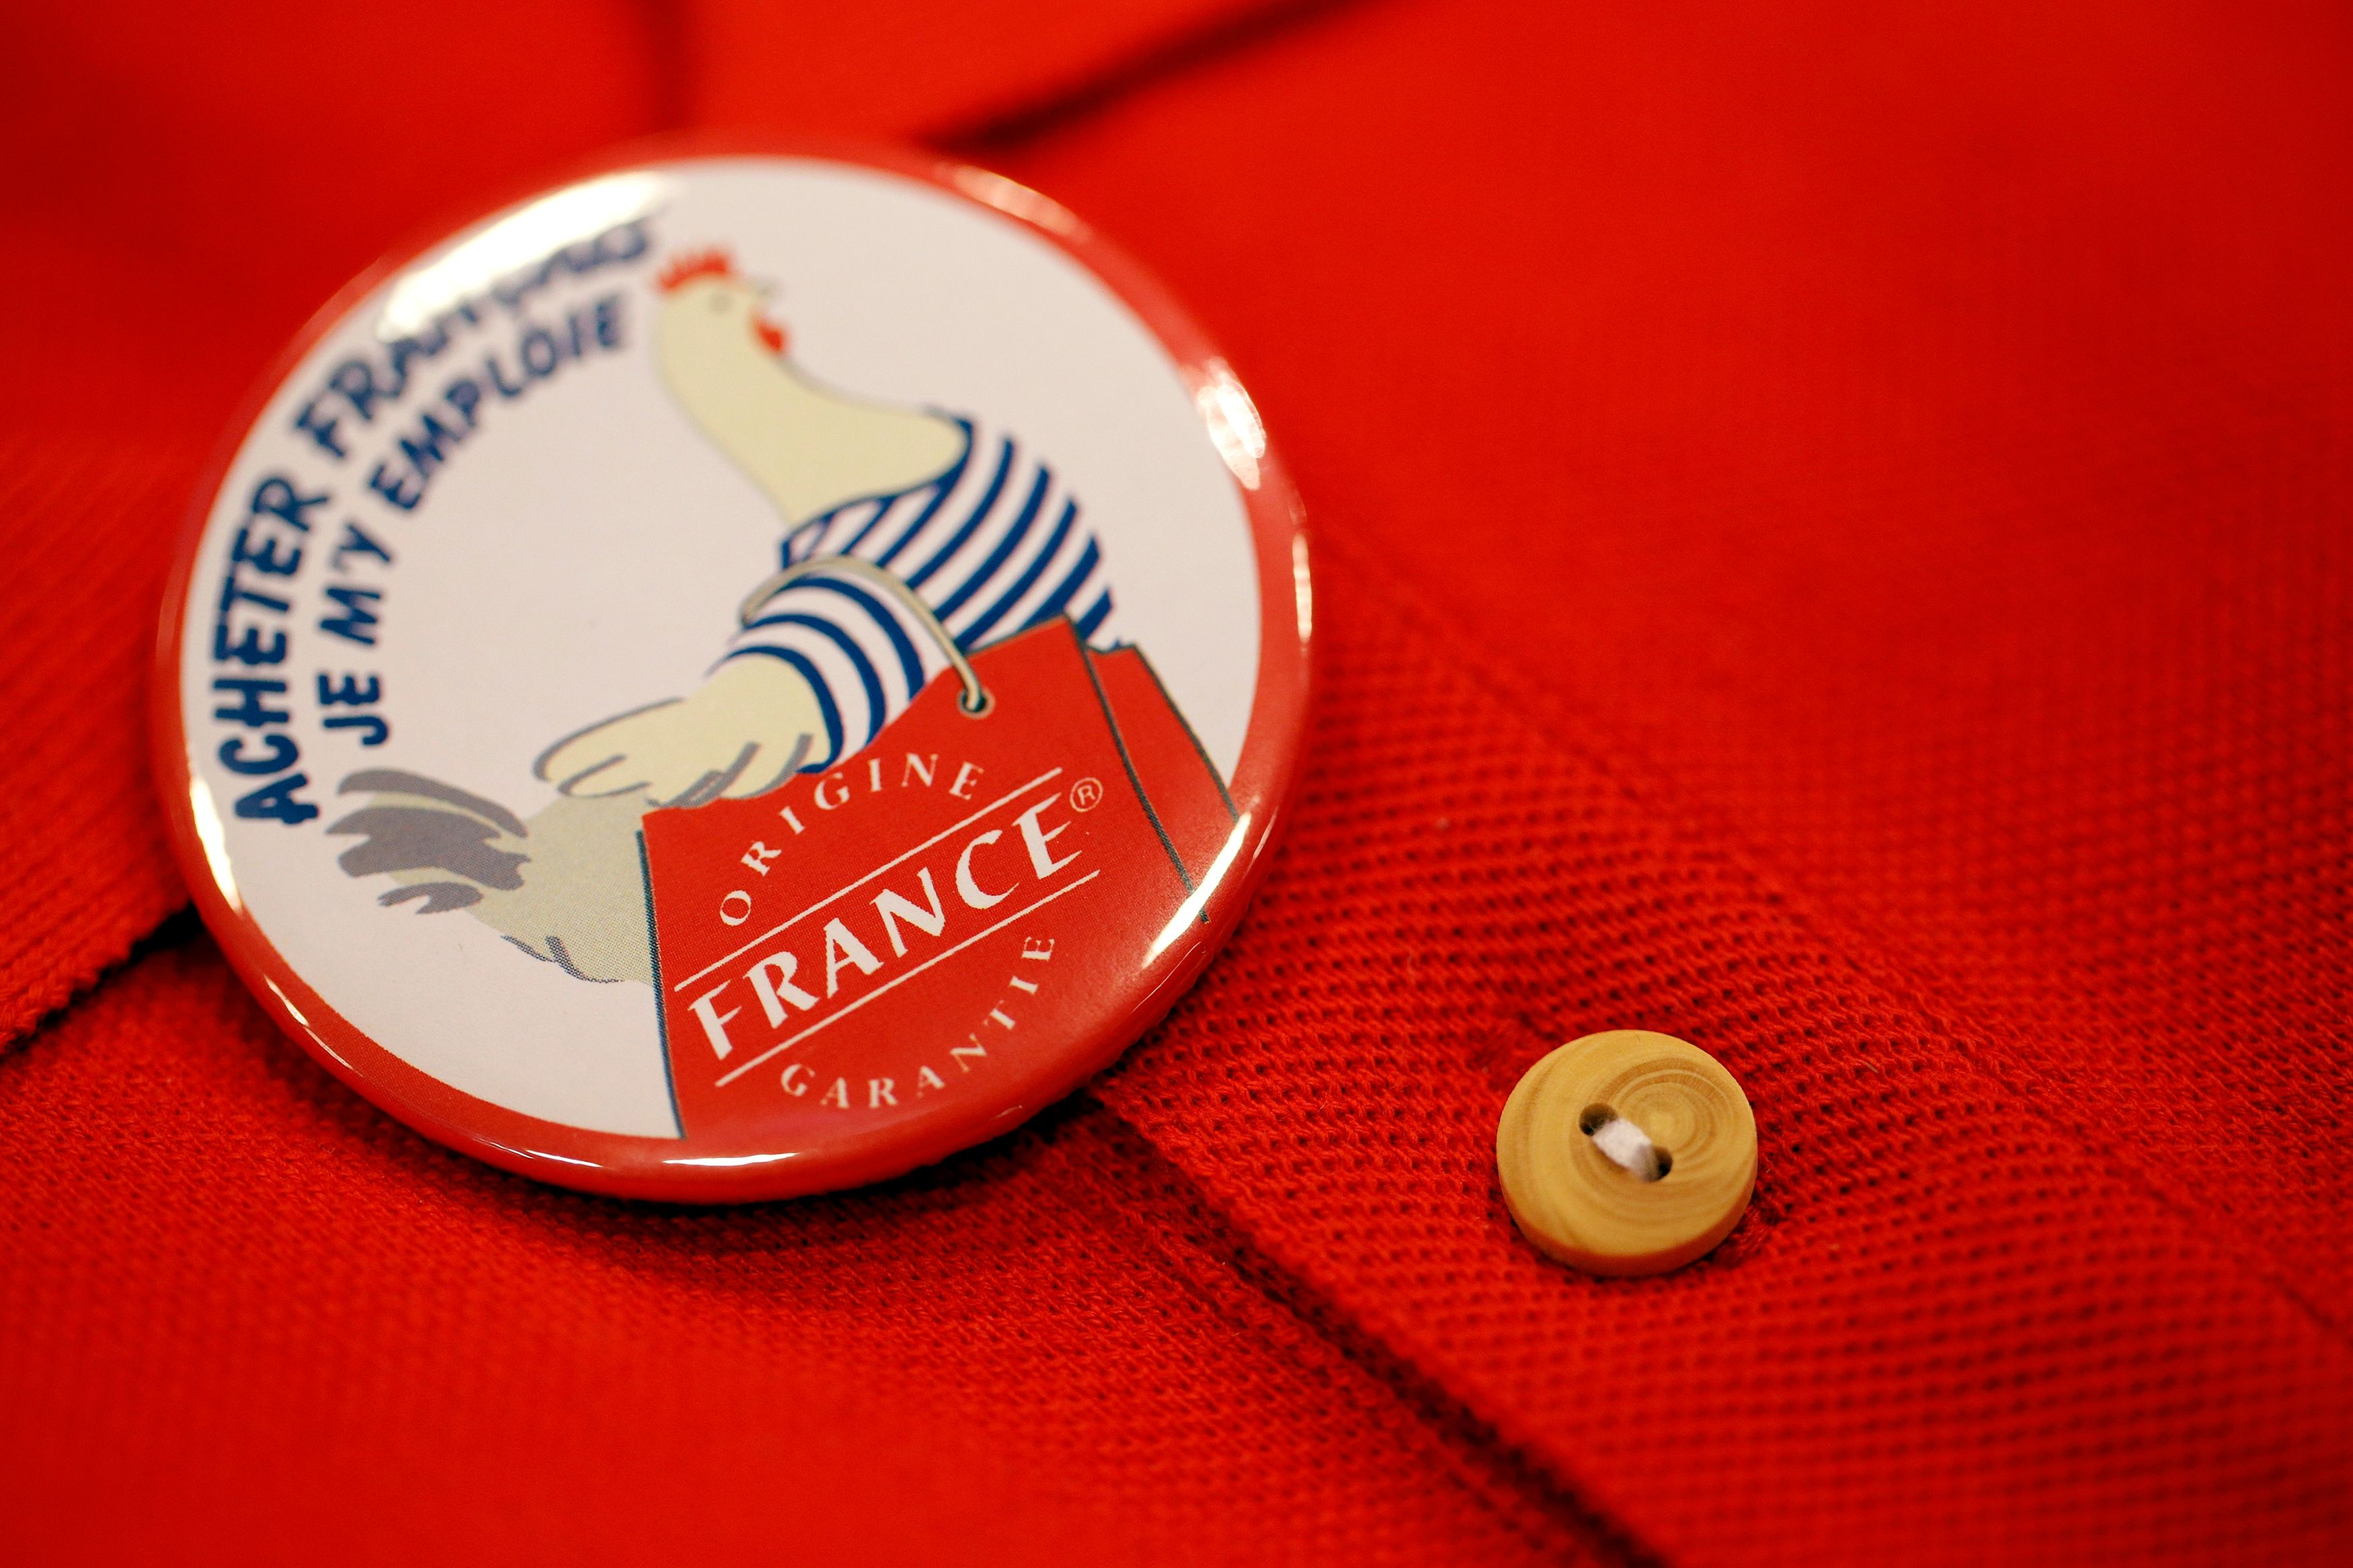 Pourquoi François Hollande ne parviendra pas à relancer l'économie française s'il ne comprend pas qu'il faut changer de diagnostic